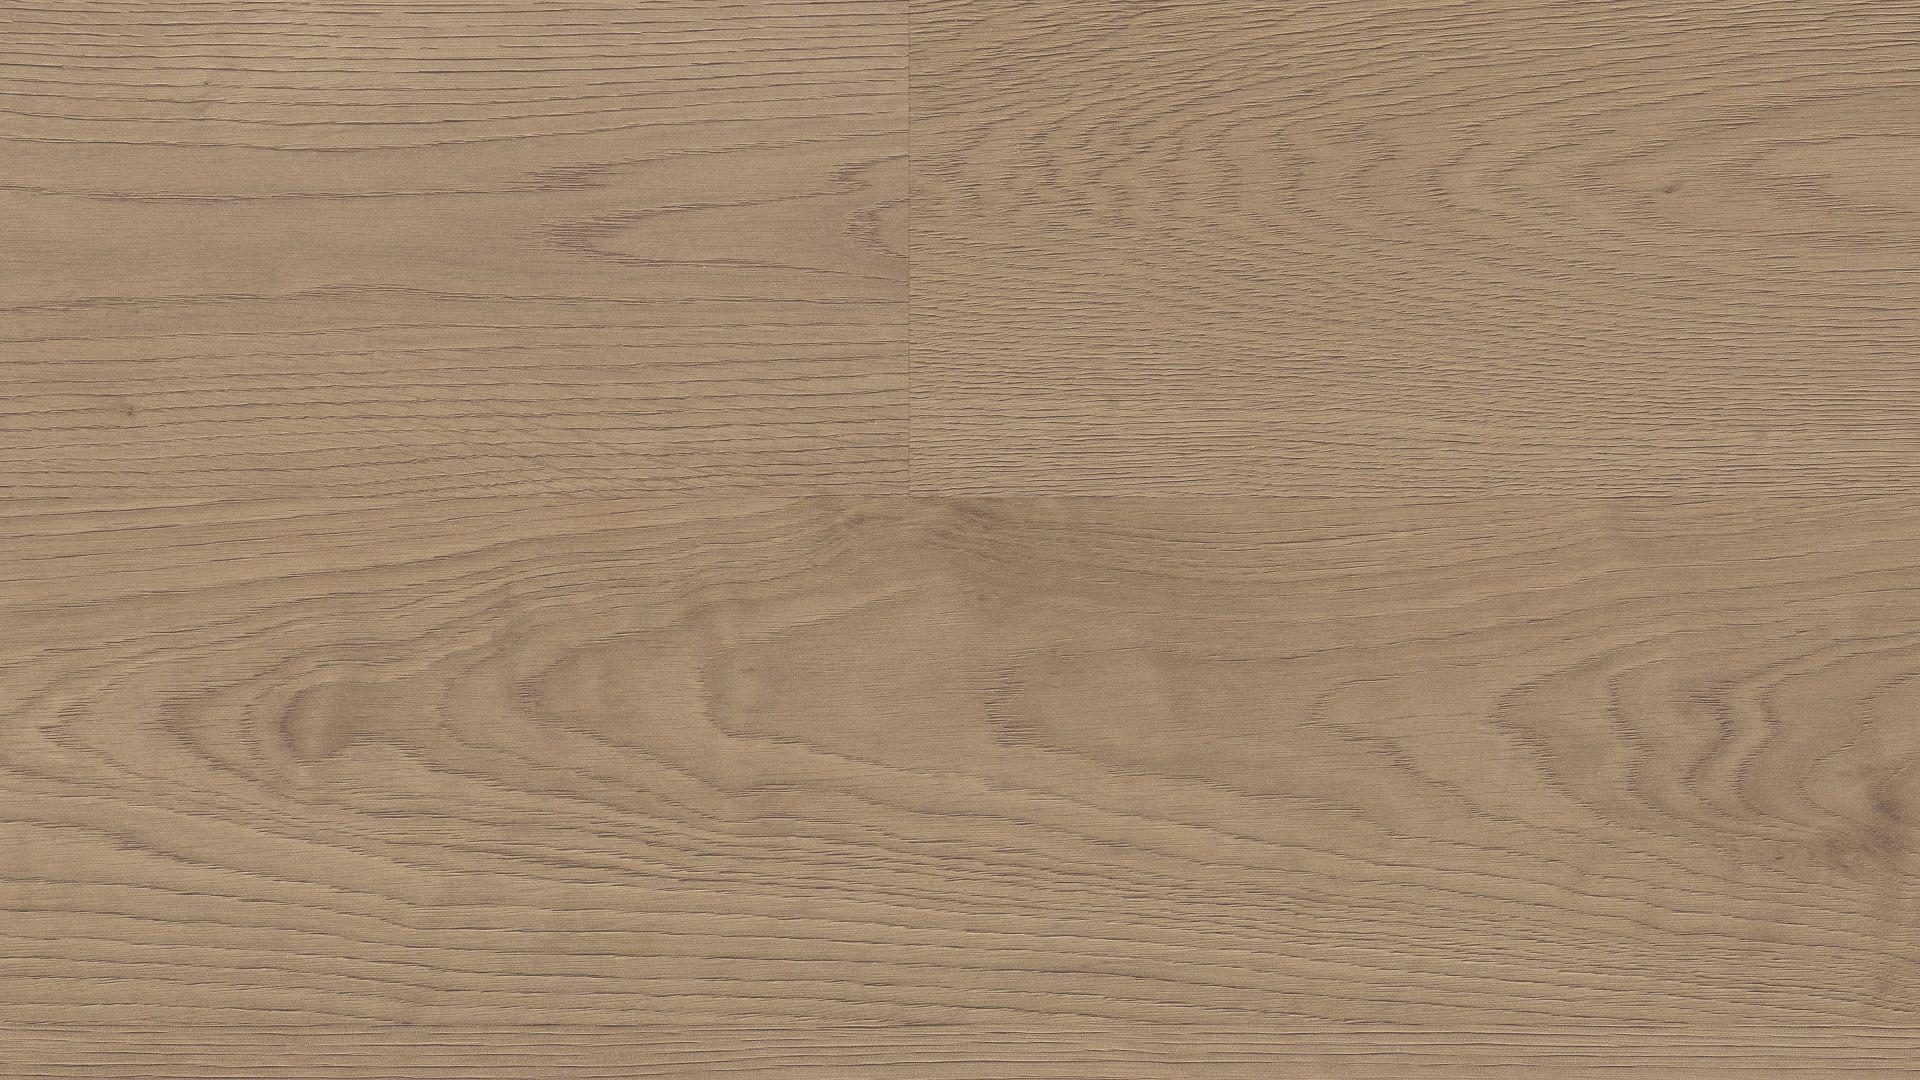 Waverly Oak EVP Vinyl Flooring Product Shot